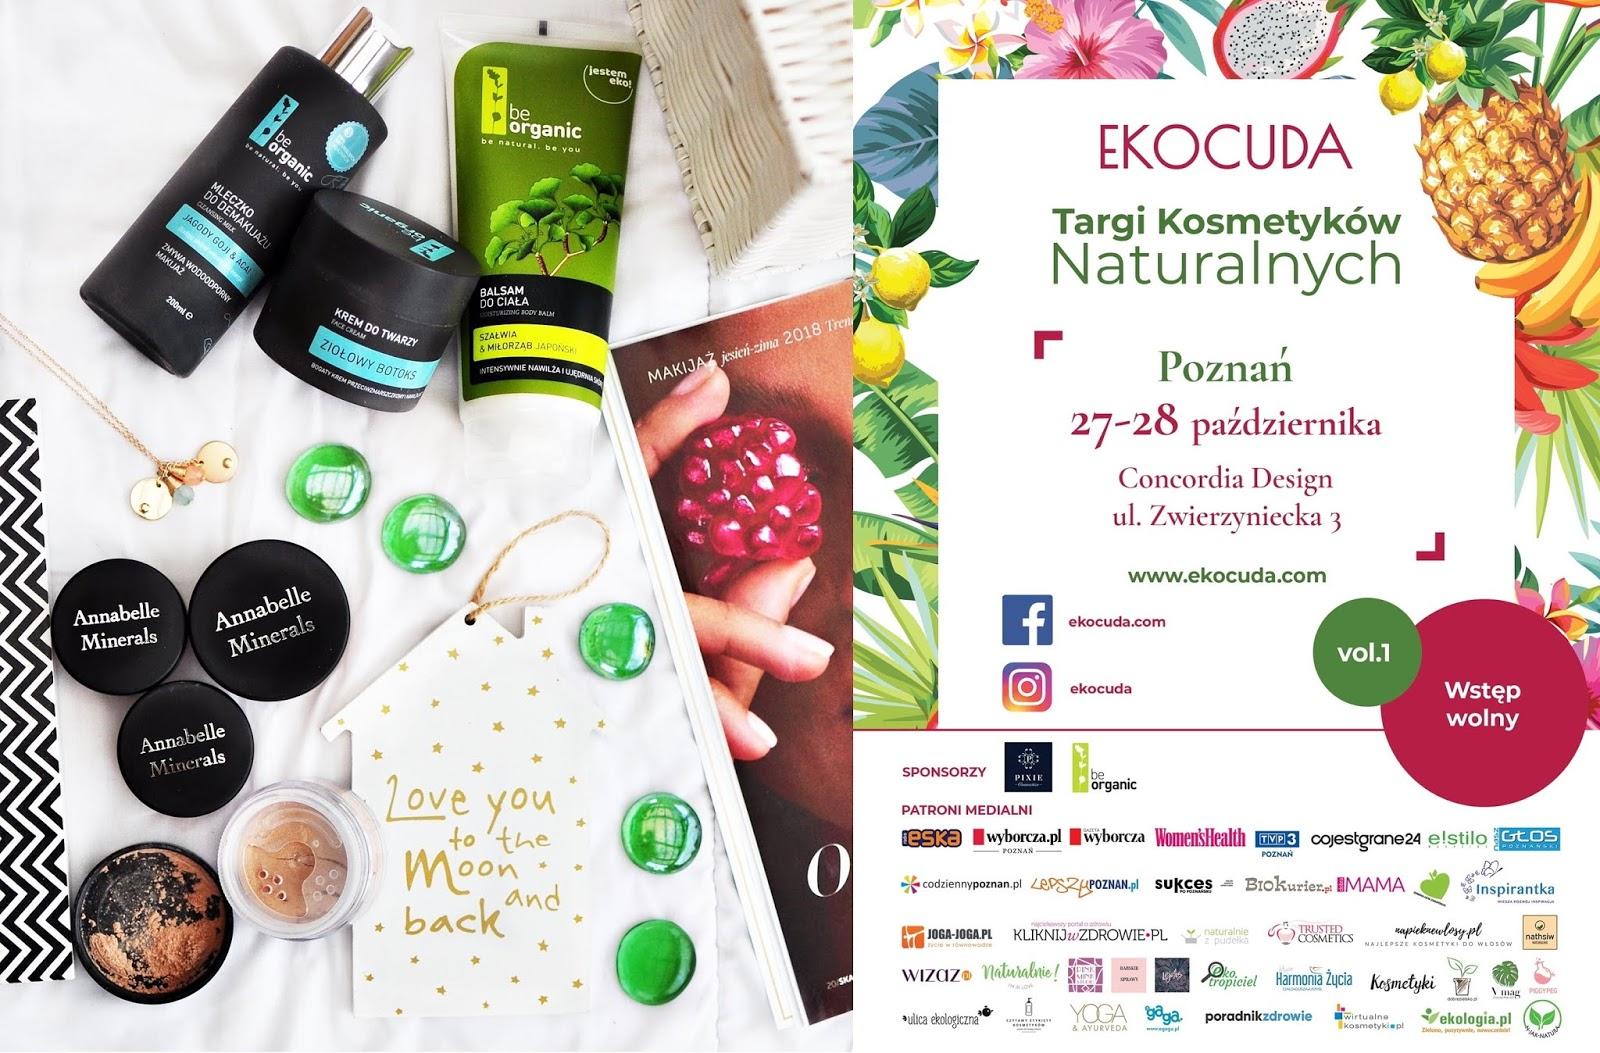 Ekocuda – Targi Kosmetyków Naturalnych w Poznaniu